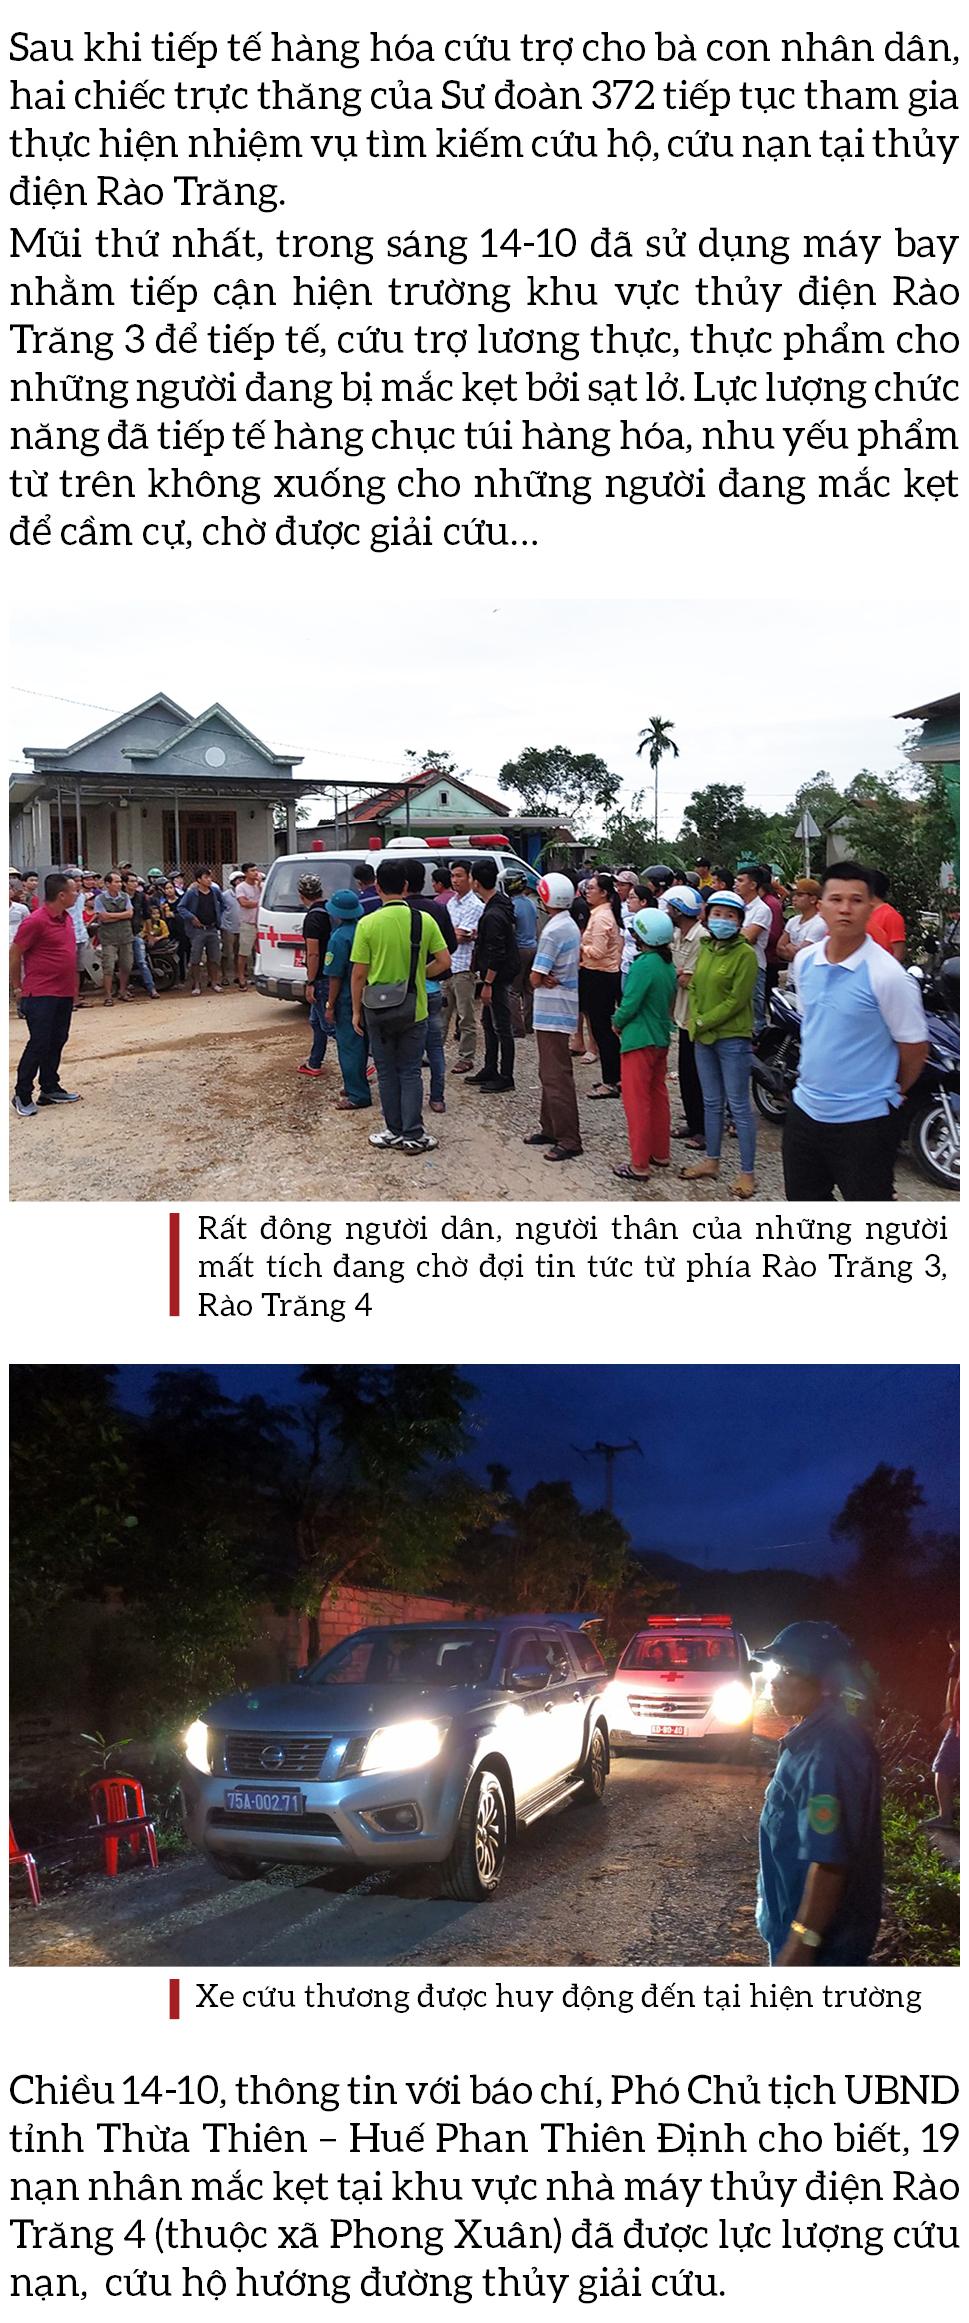 Toàn cảnh cuộc vượt rừng tìm kiếm, cứu nạn người mất tích ở Rào Trăng 3 ảnh 12